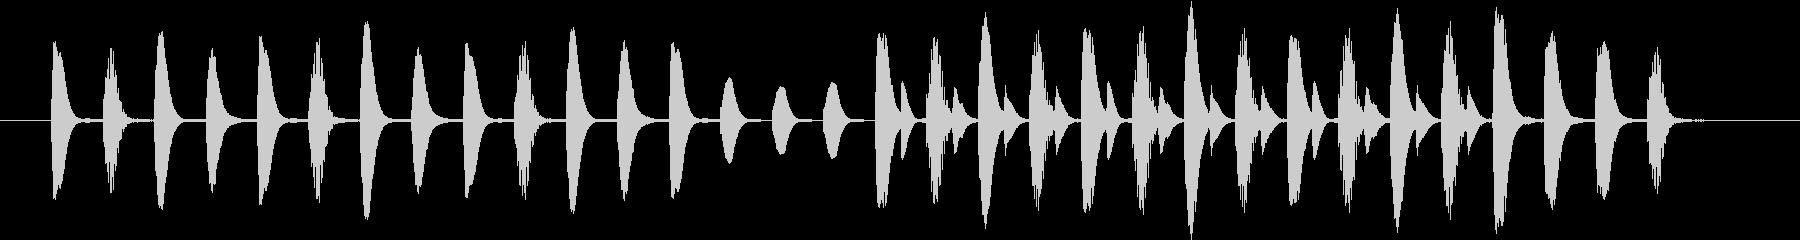 ほのぼのした場面切り替えなどに使える曲の未再生の波形